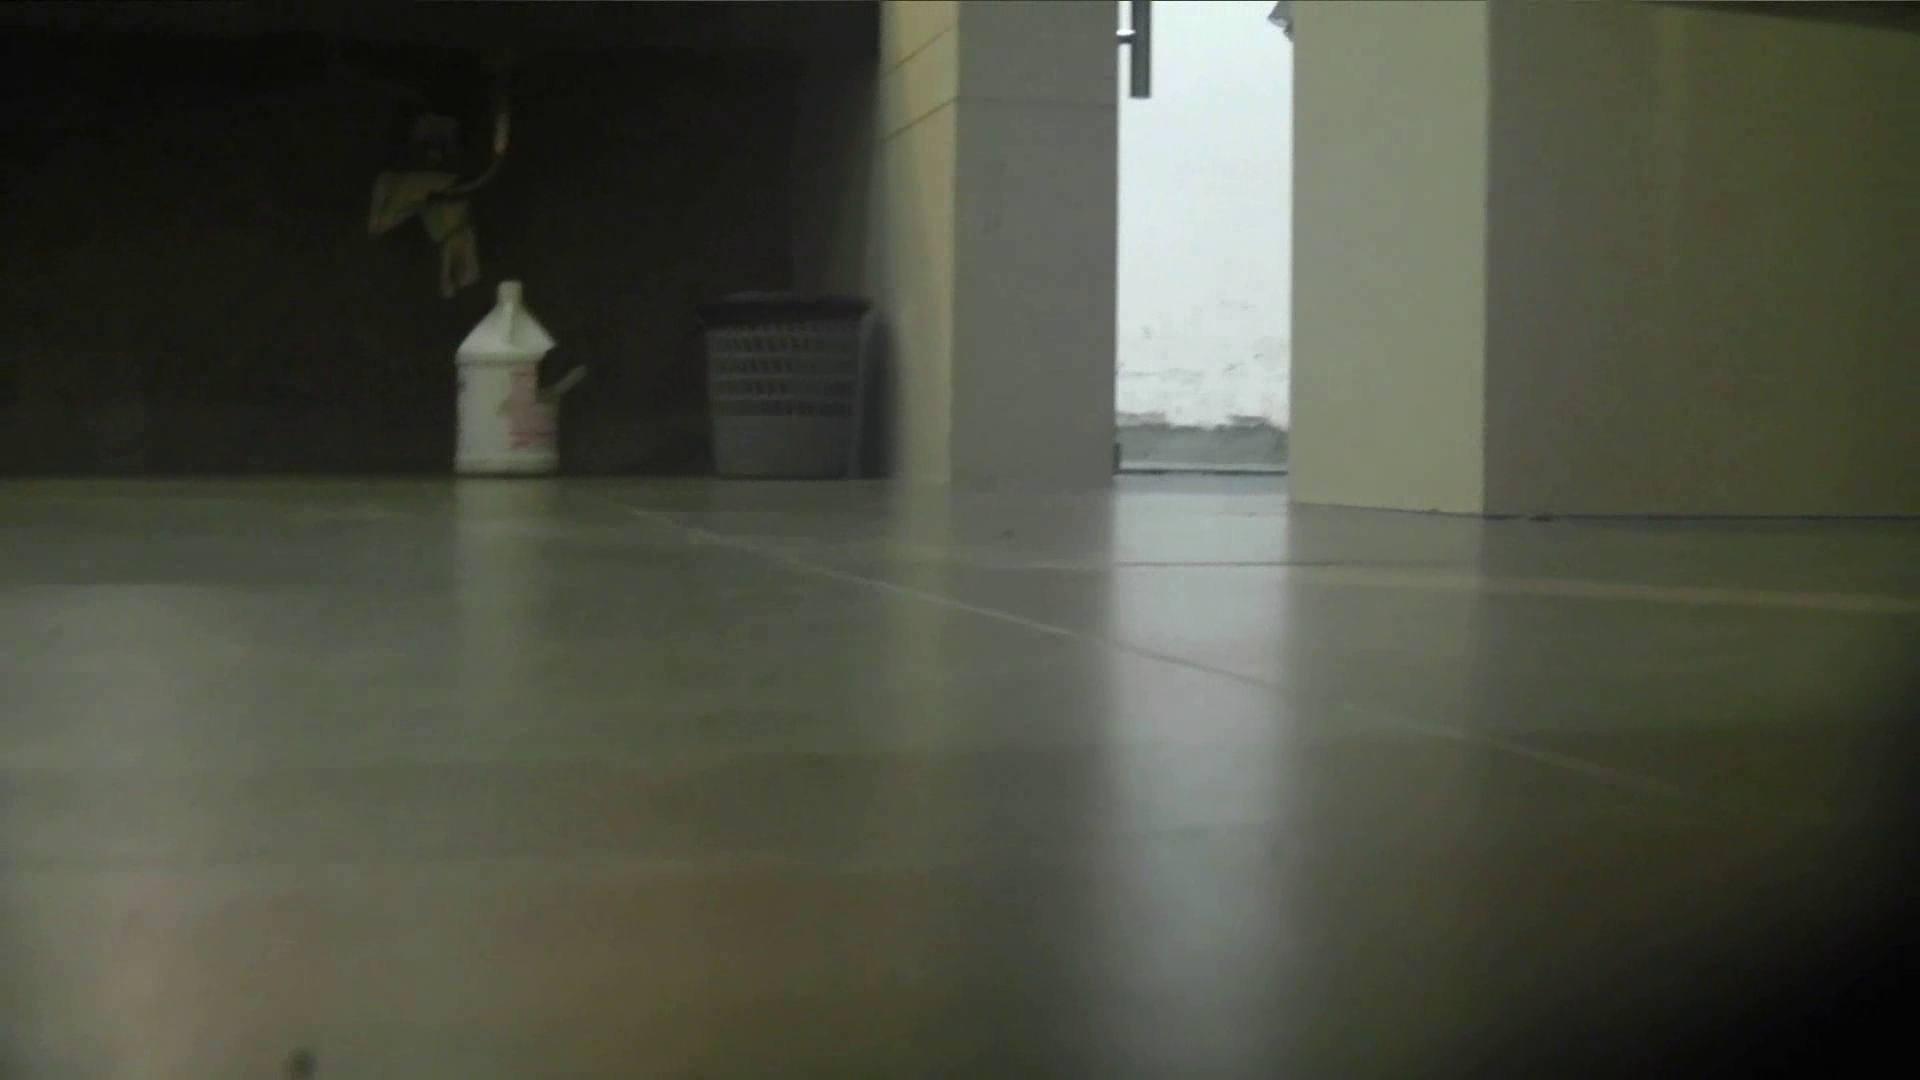 阿国ちゃんの「和式洋式七変化」No.18 iBO(フタコブ) 洗面所のぞき オメコ動画キャプチャ 105枚 70